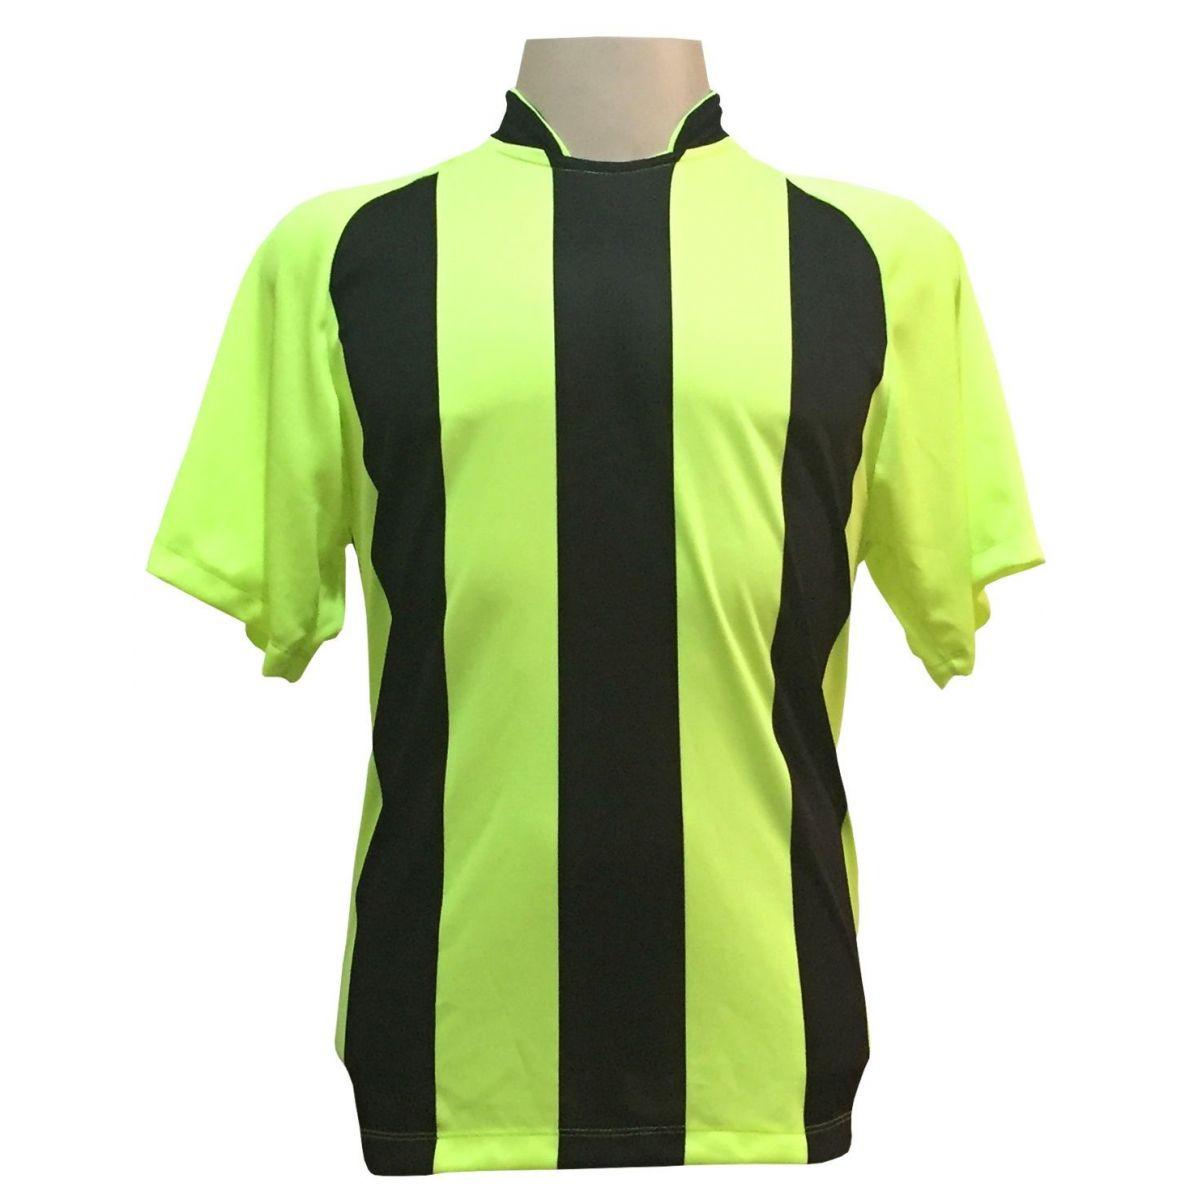 Uniforme Esportivo com 18 camisas modelo Milan Limão/Preto + 18 calções modelo Madrid Preto + 18 pares de meiões Preto